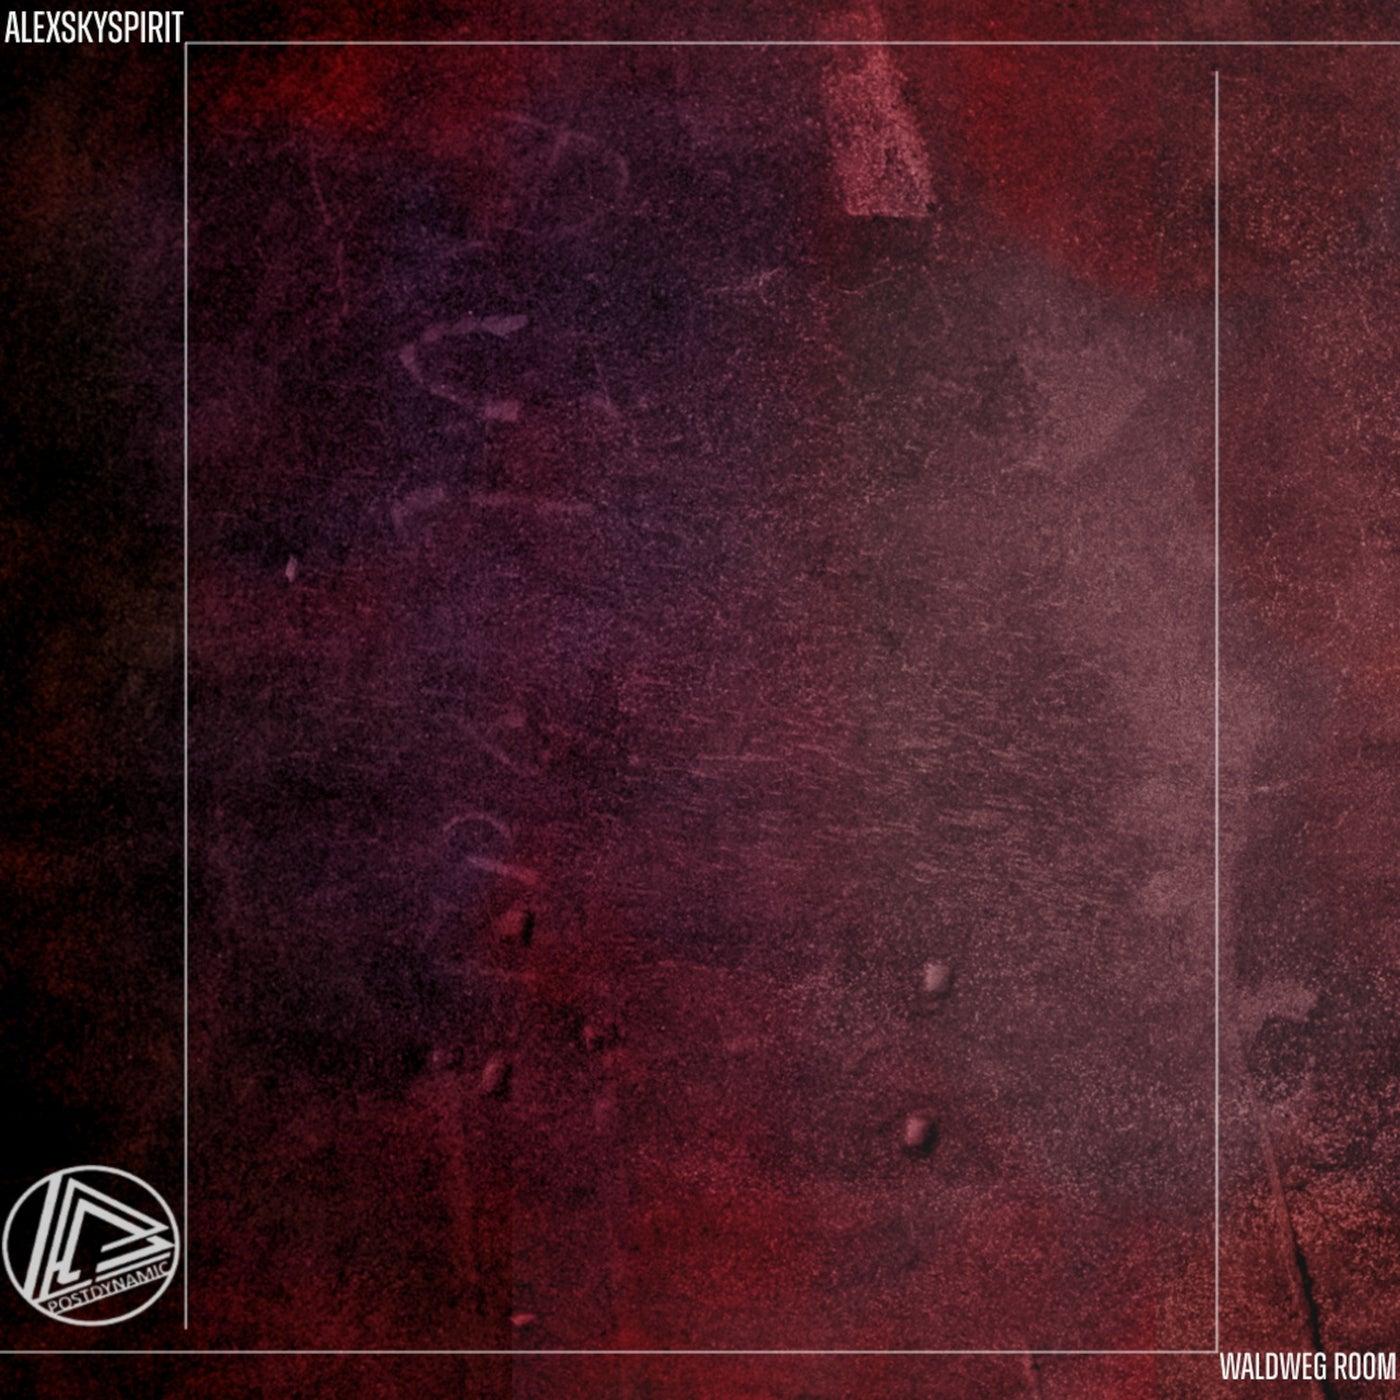 Disrutpion Frequency (Hattori Hanzo Remix)